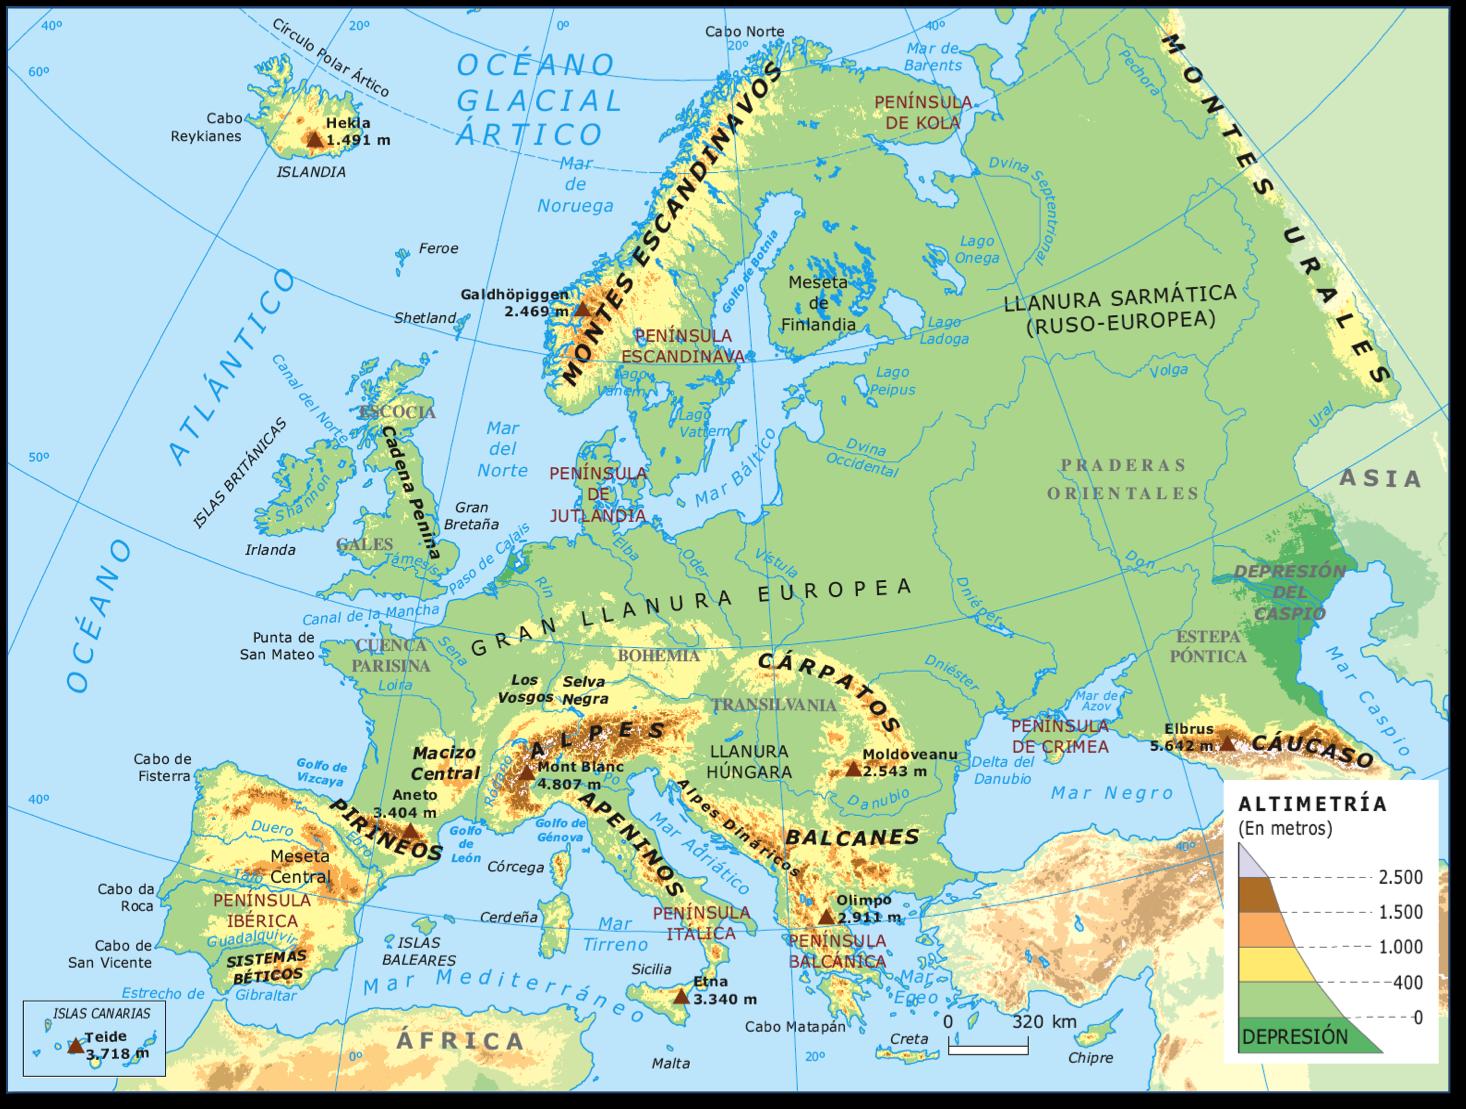 Cabos De Europa Mapa